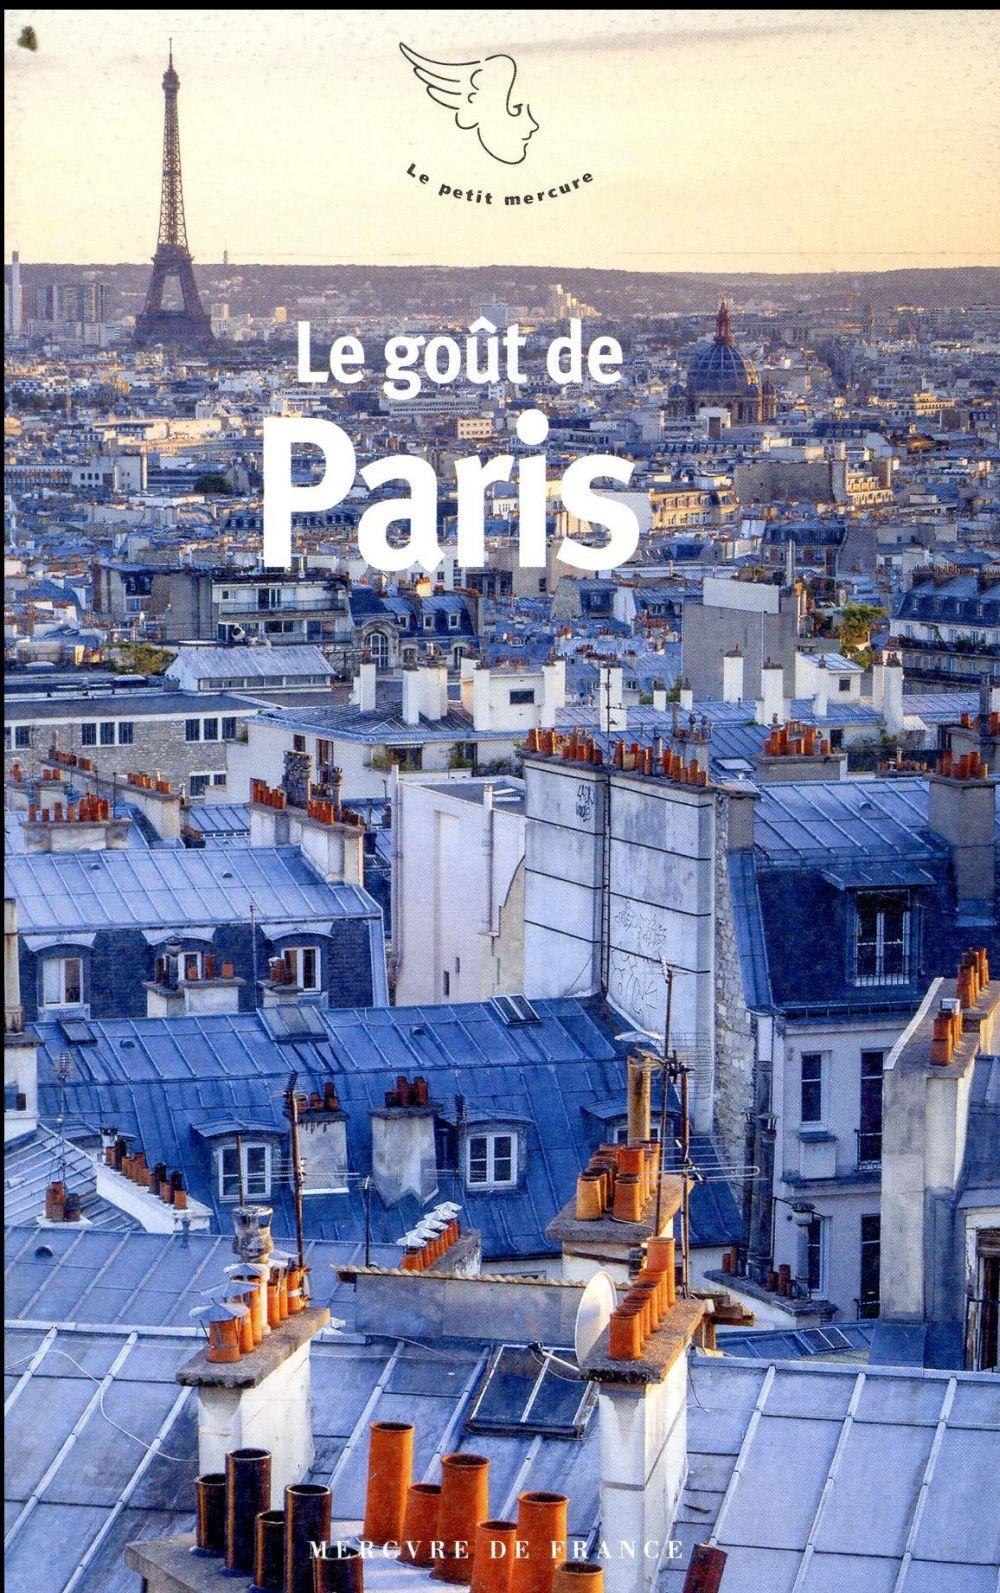 Le goût de Paris